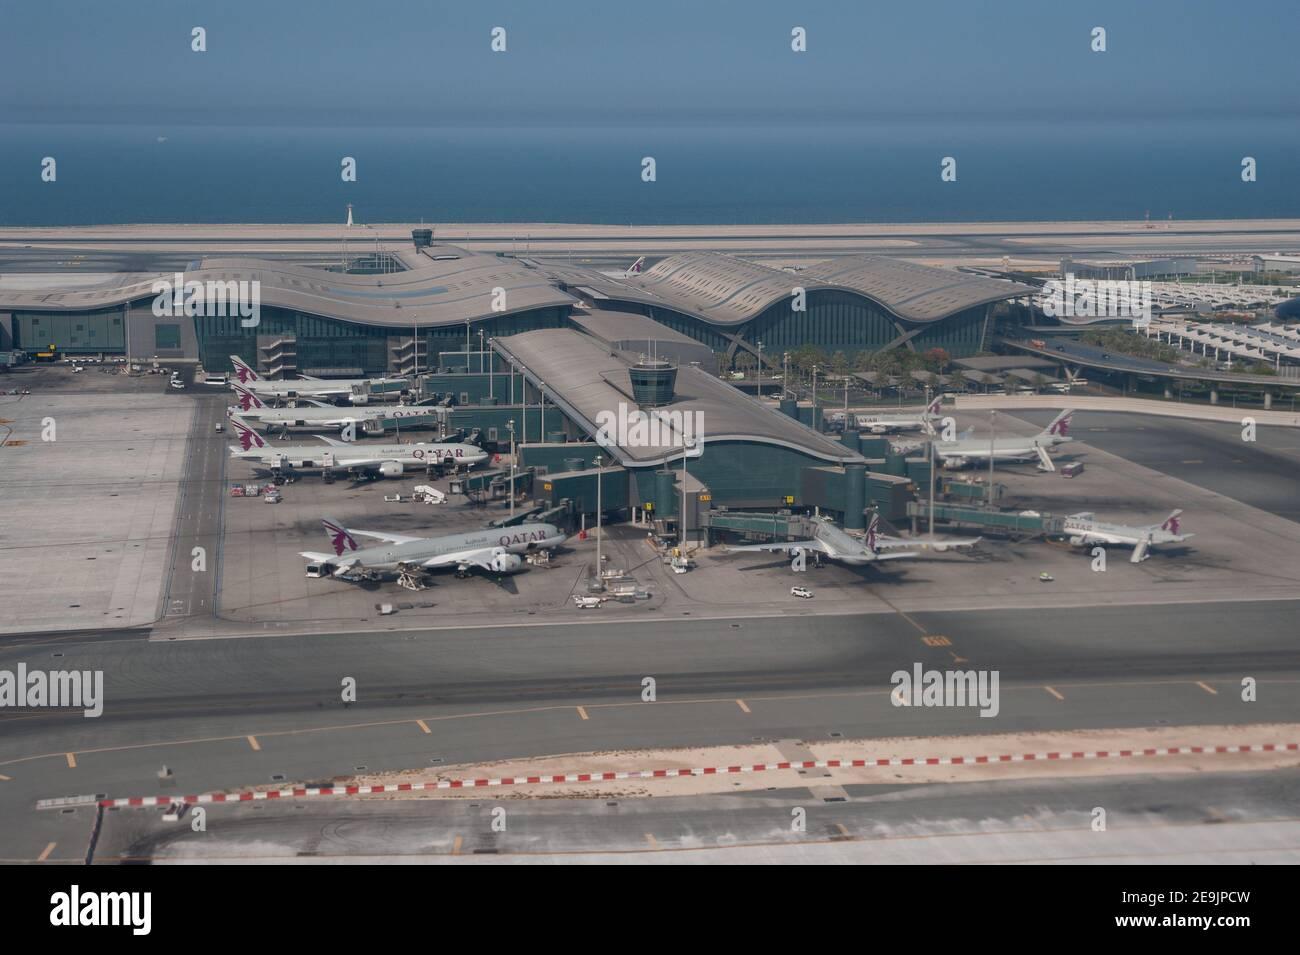 05.06.2019, Doha, Qatar, Asie - vue aérienne du nouveau terminal avec les avions passagers de Qatar Airways garés à l'aéroport international de Hamad. Banque D'Images